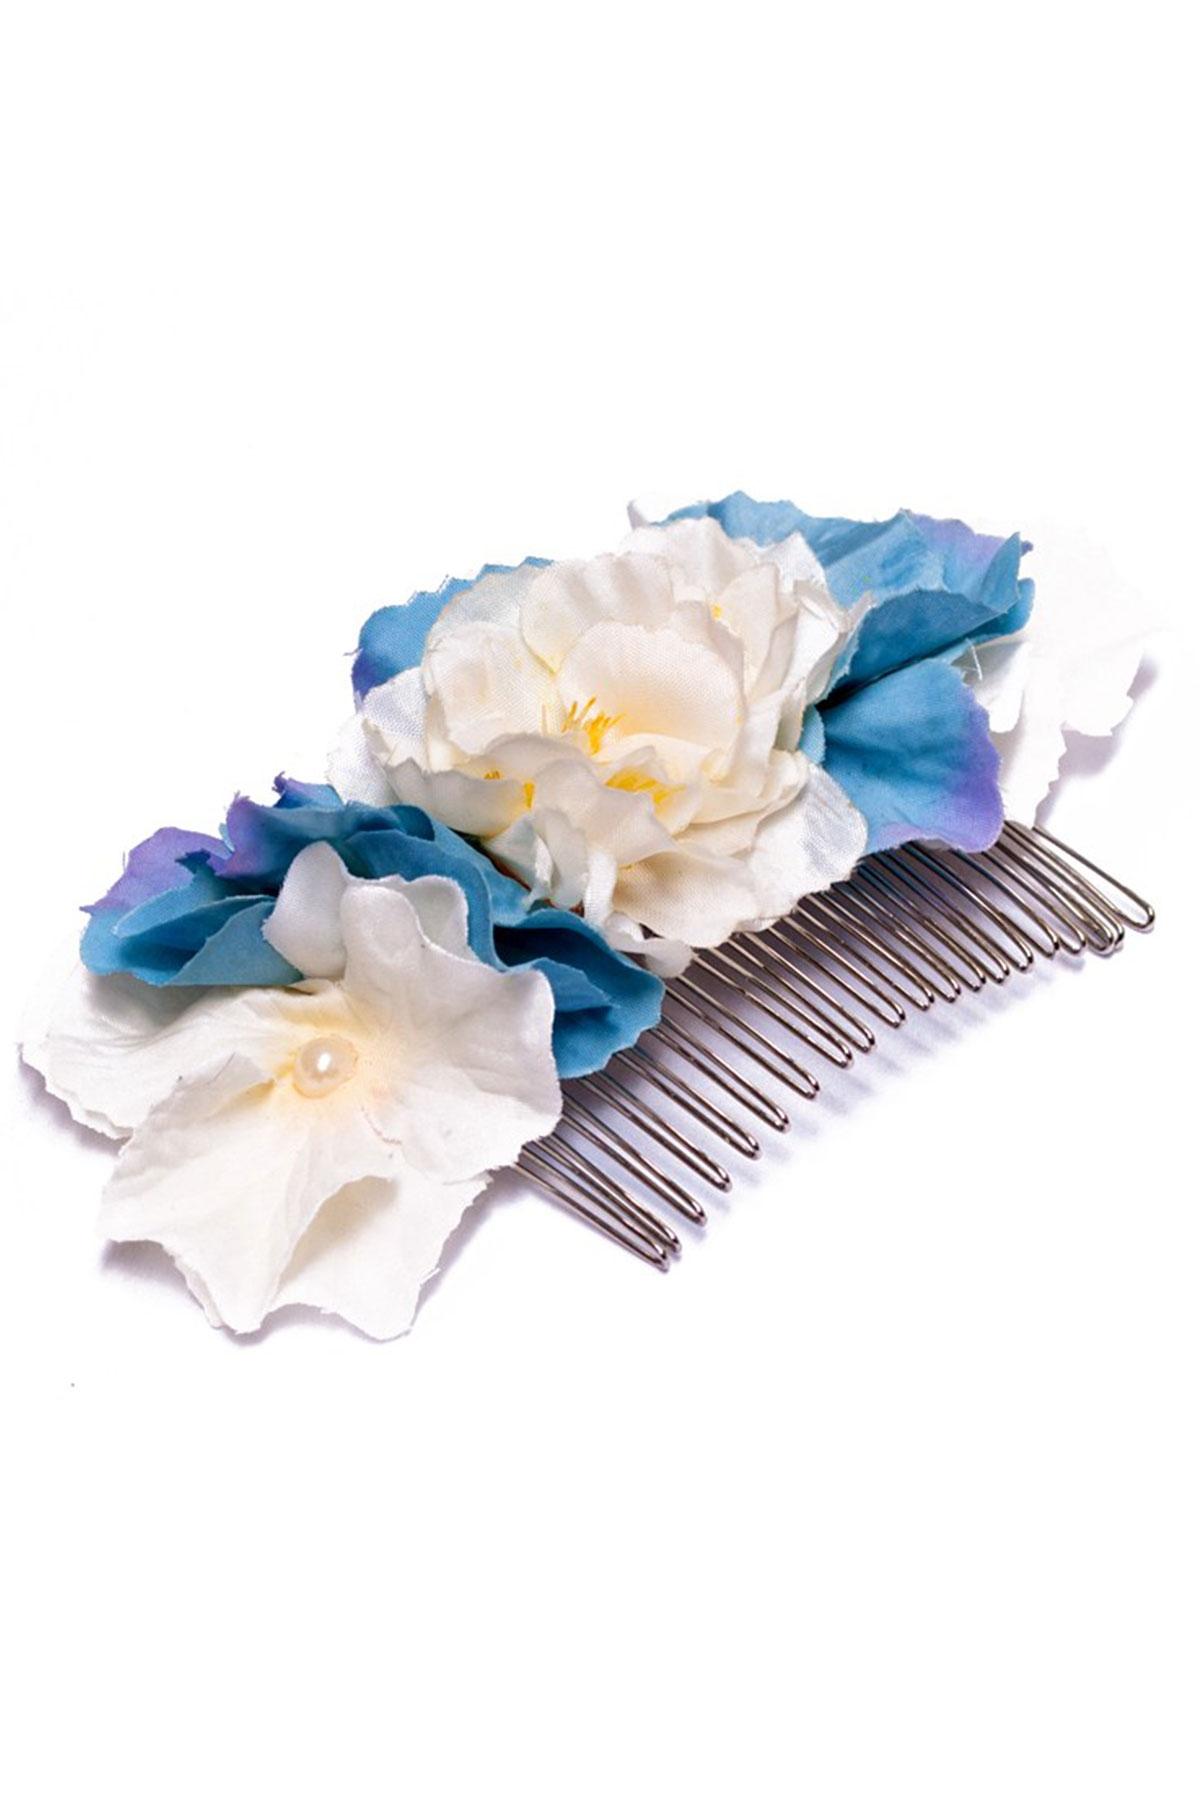 Ръчно изработен гребен със сини и бели цветя / Forget-me-not